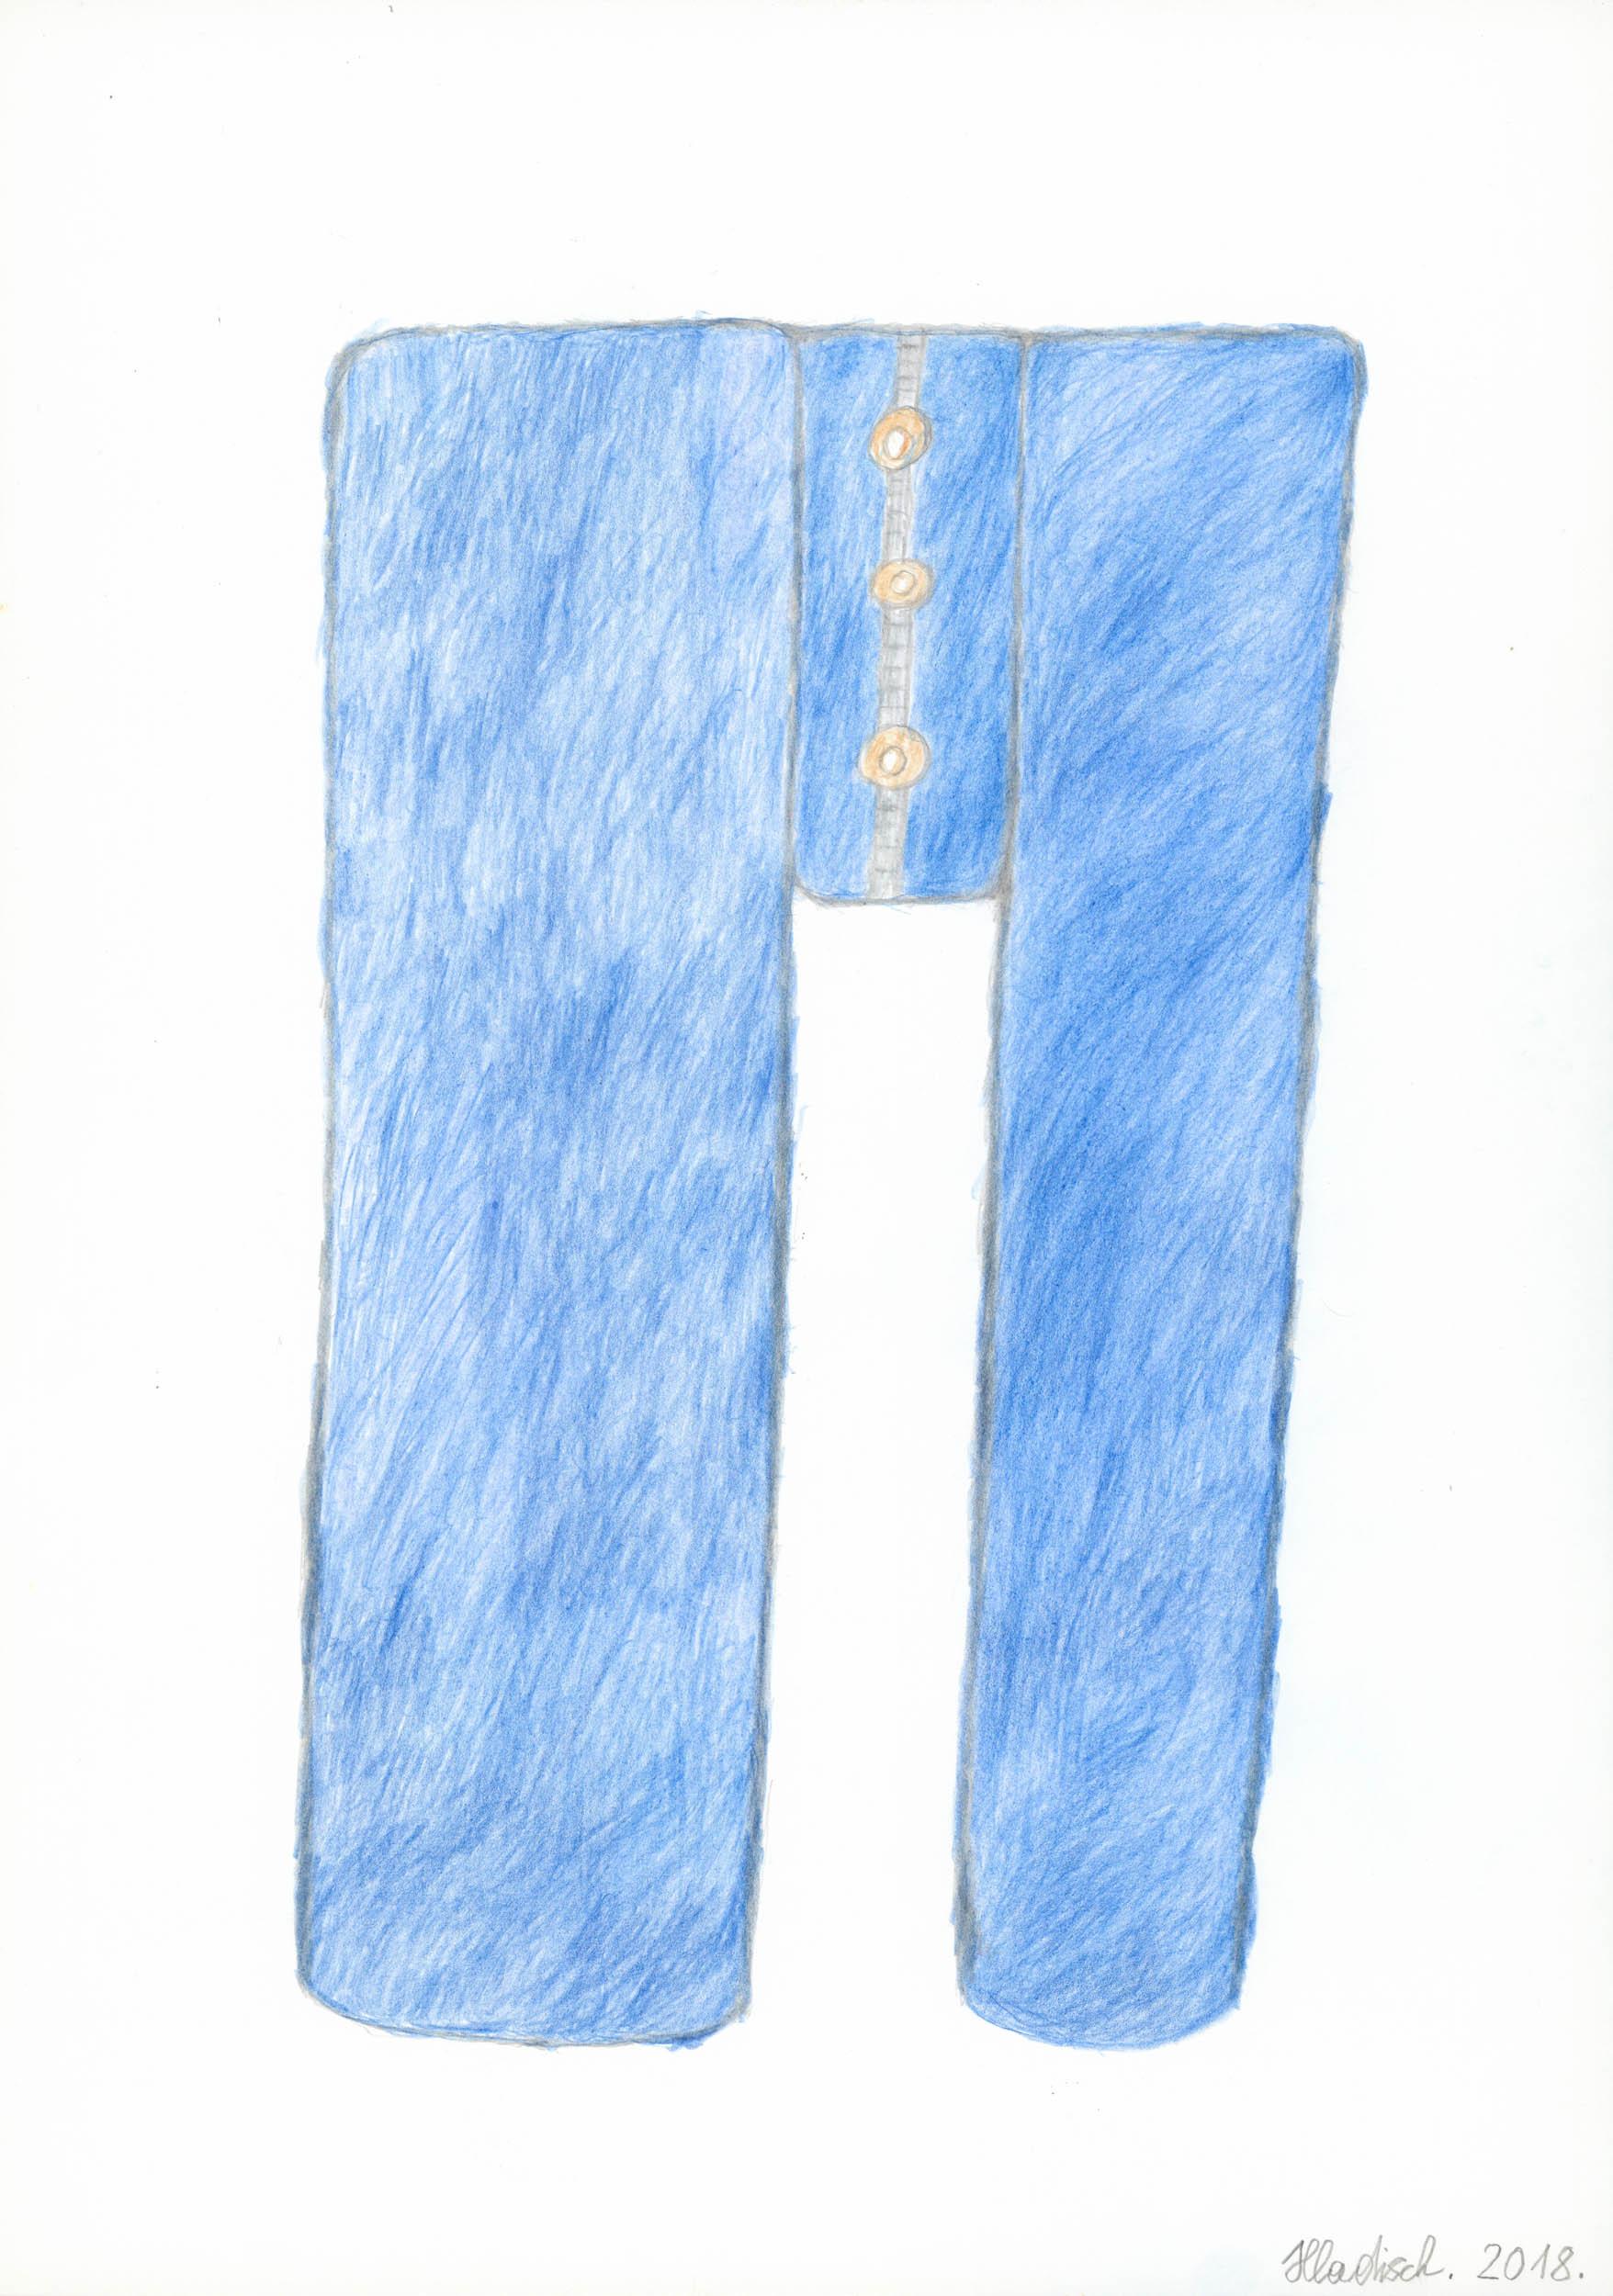 hladisch helmut - Jeanshose / Jeans